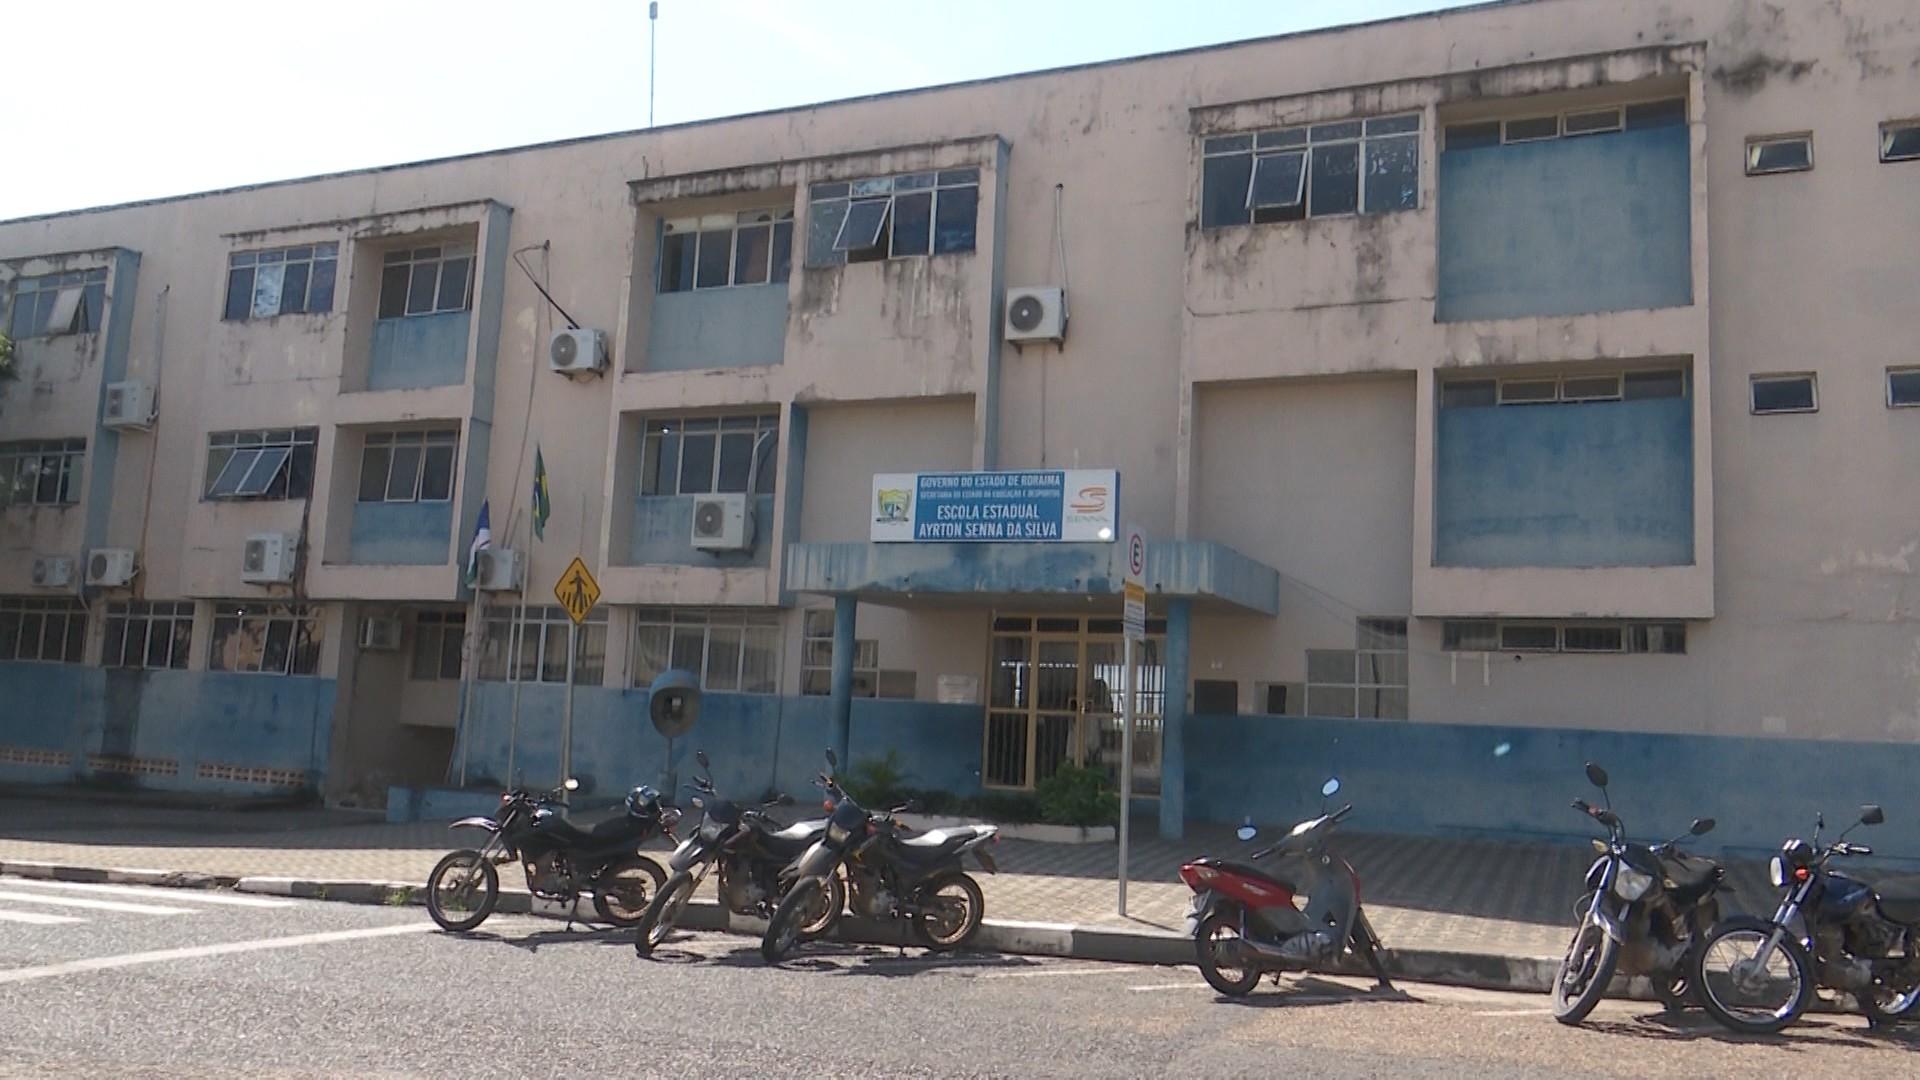 Governo de Roraima desativa prédio da escola Ayrton Senna - Notícias - Plantão Diário